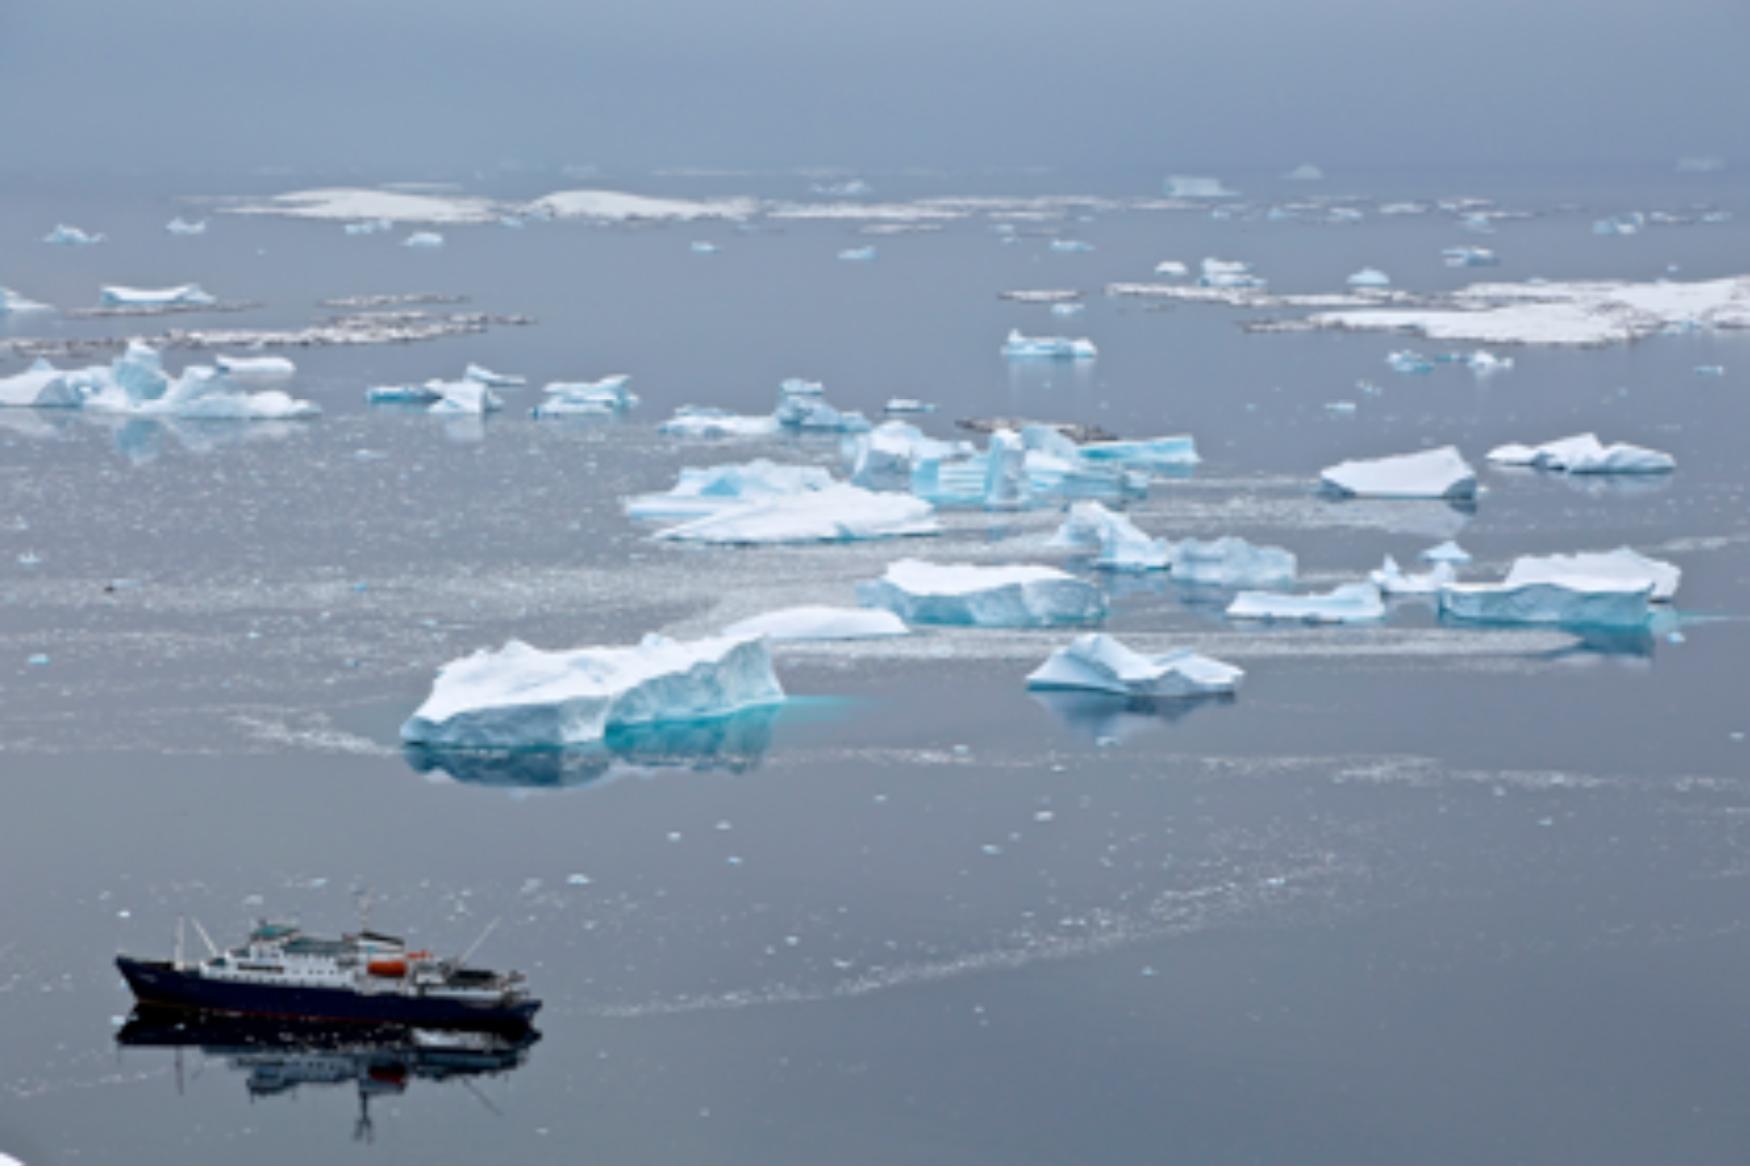 In an Iceberg Graveyard